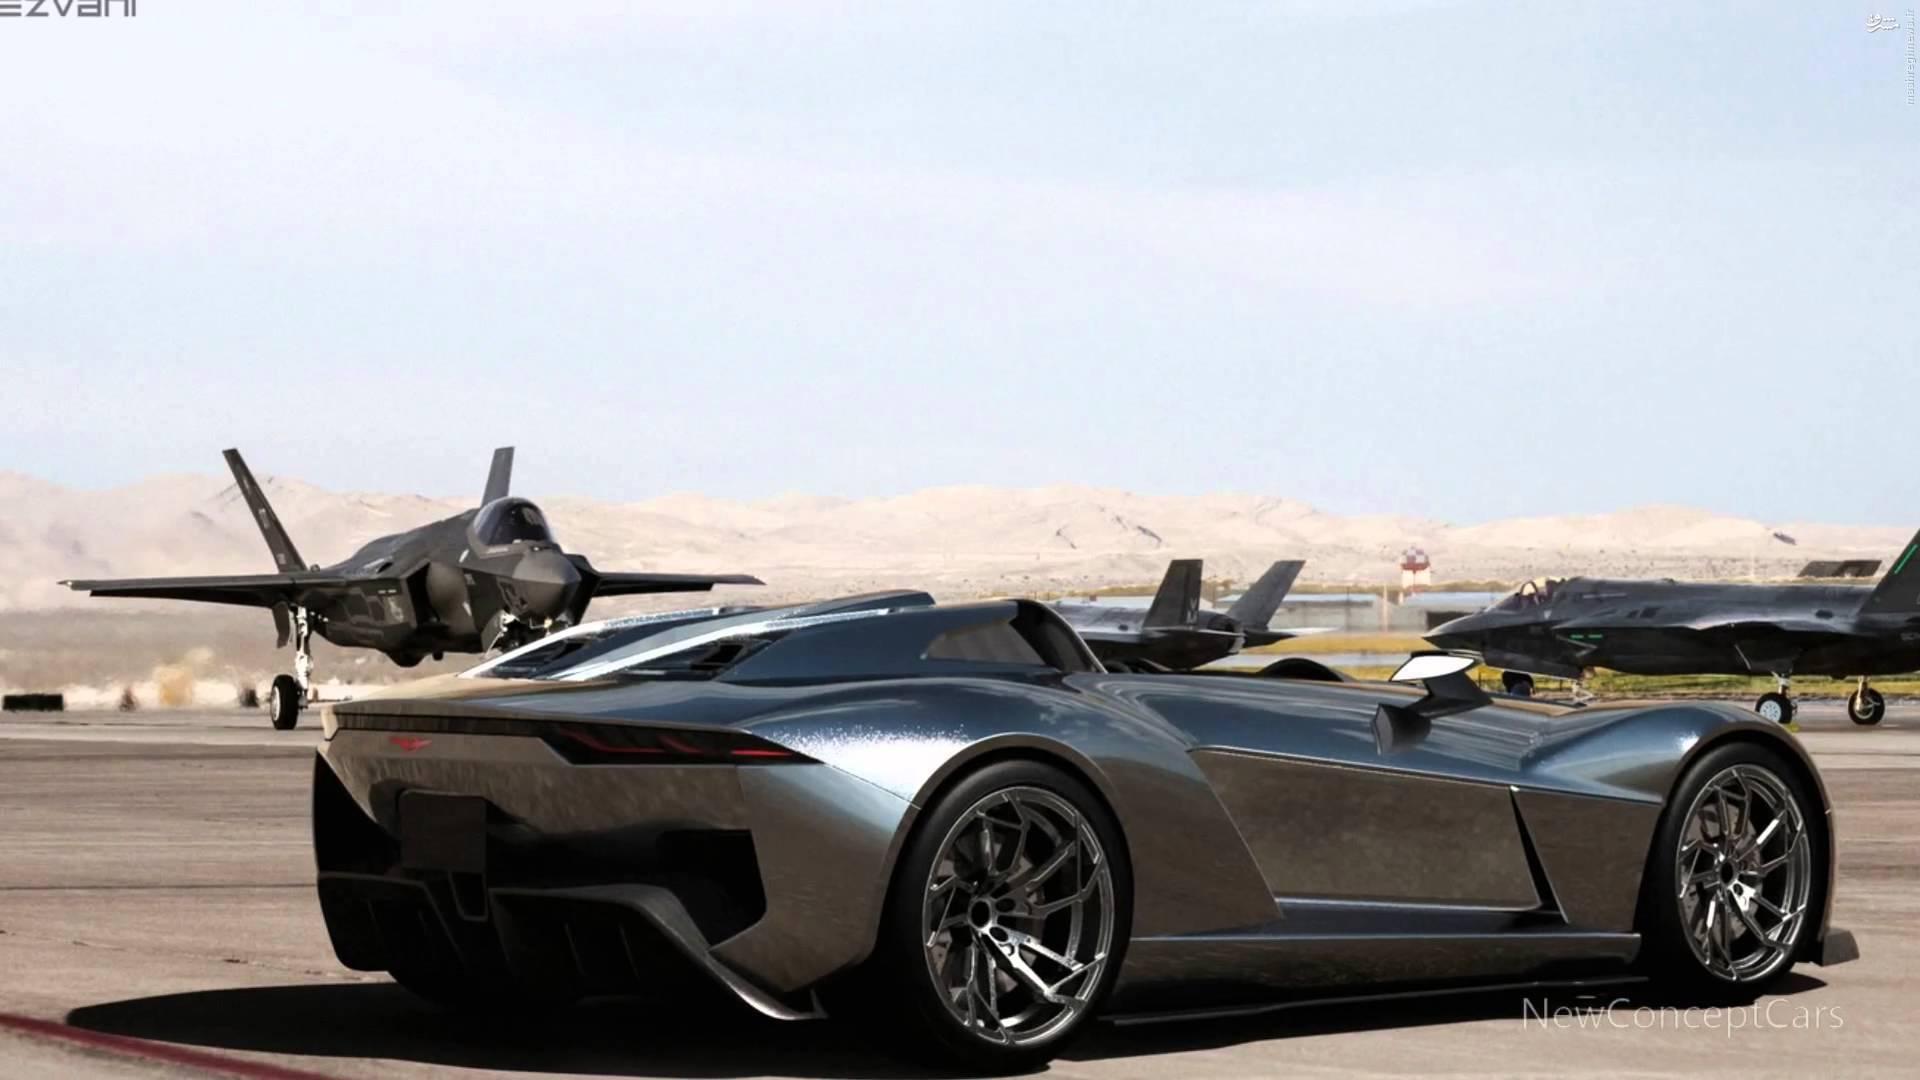 هیولایی برای عشق ماشینها+عکس